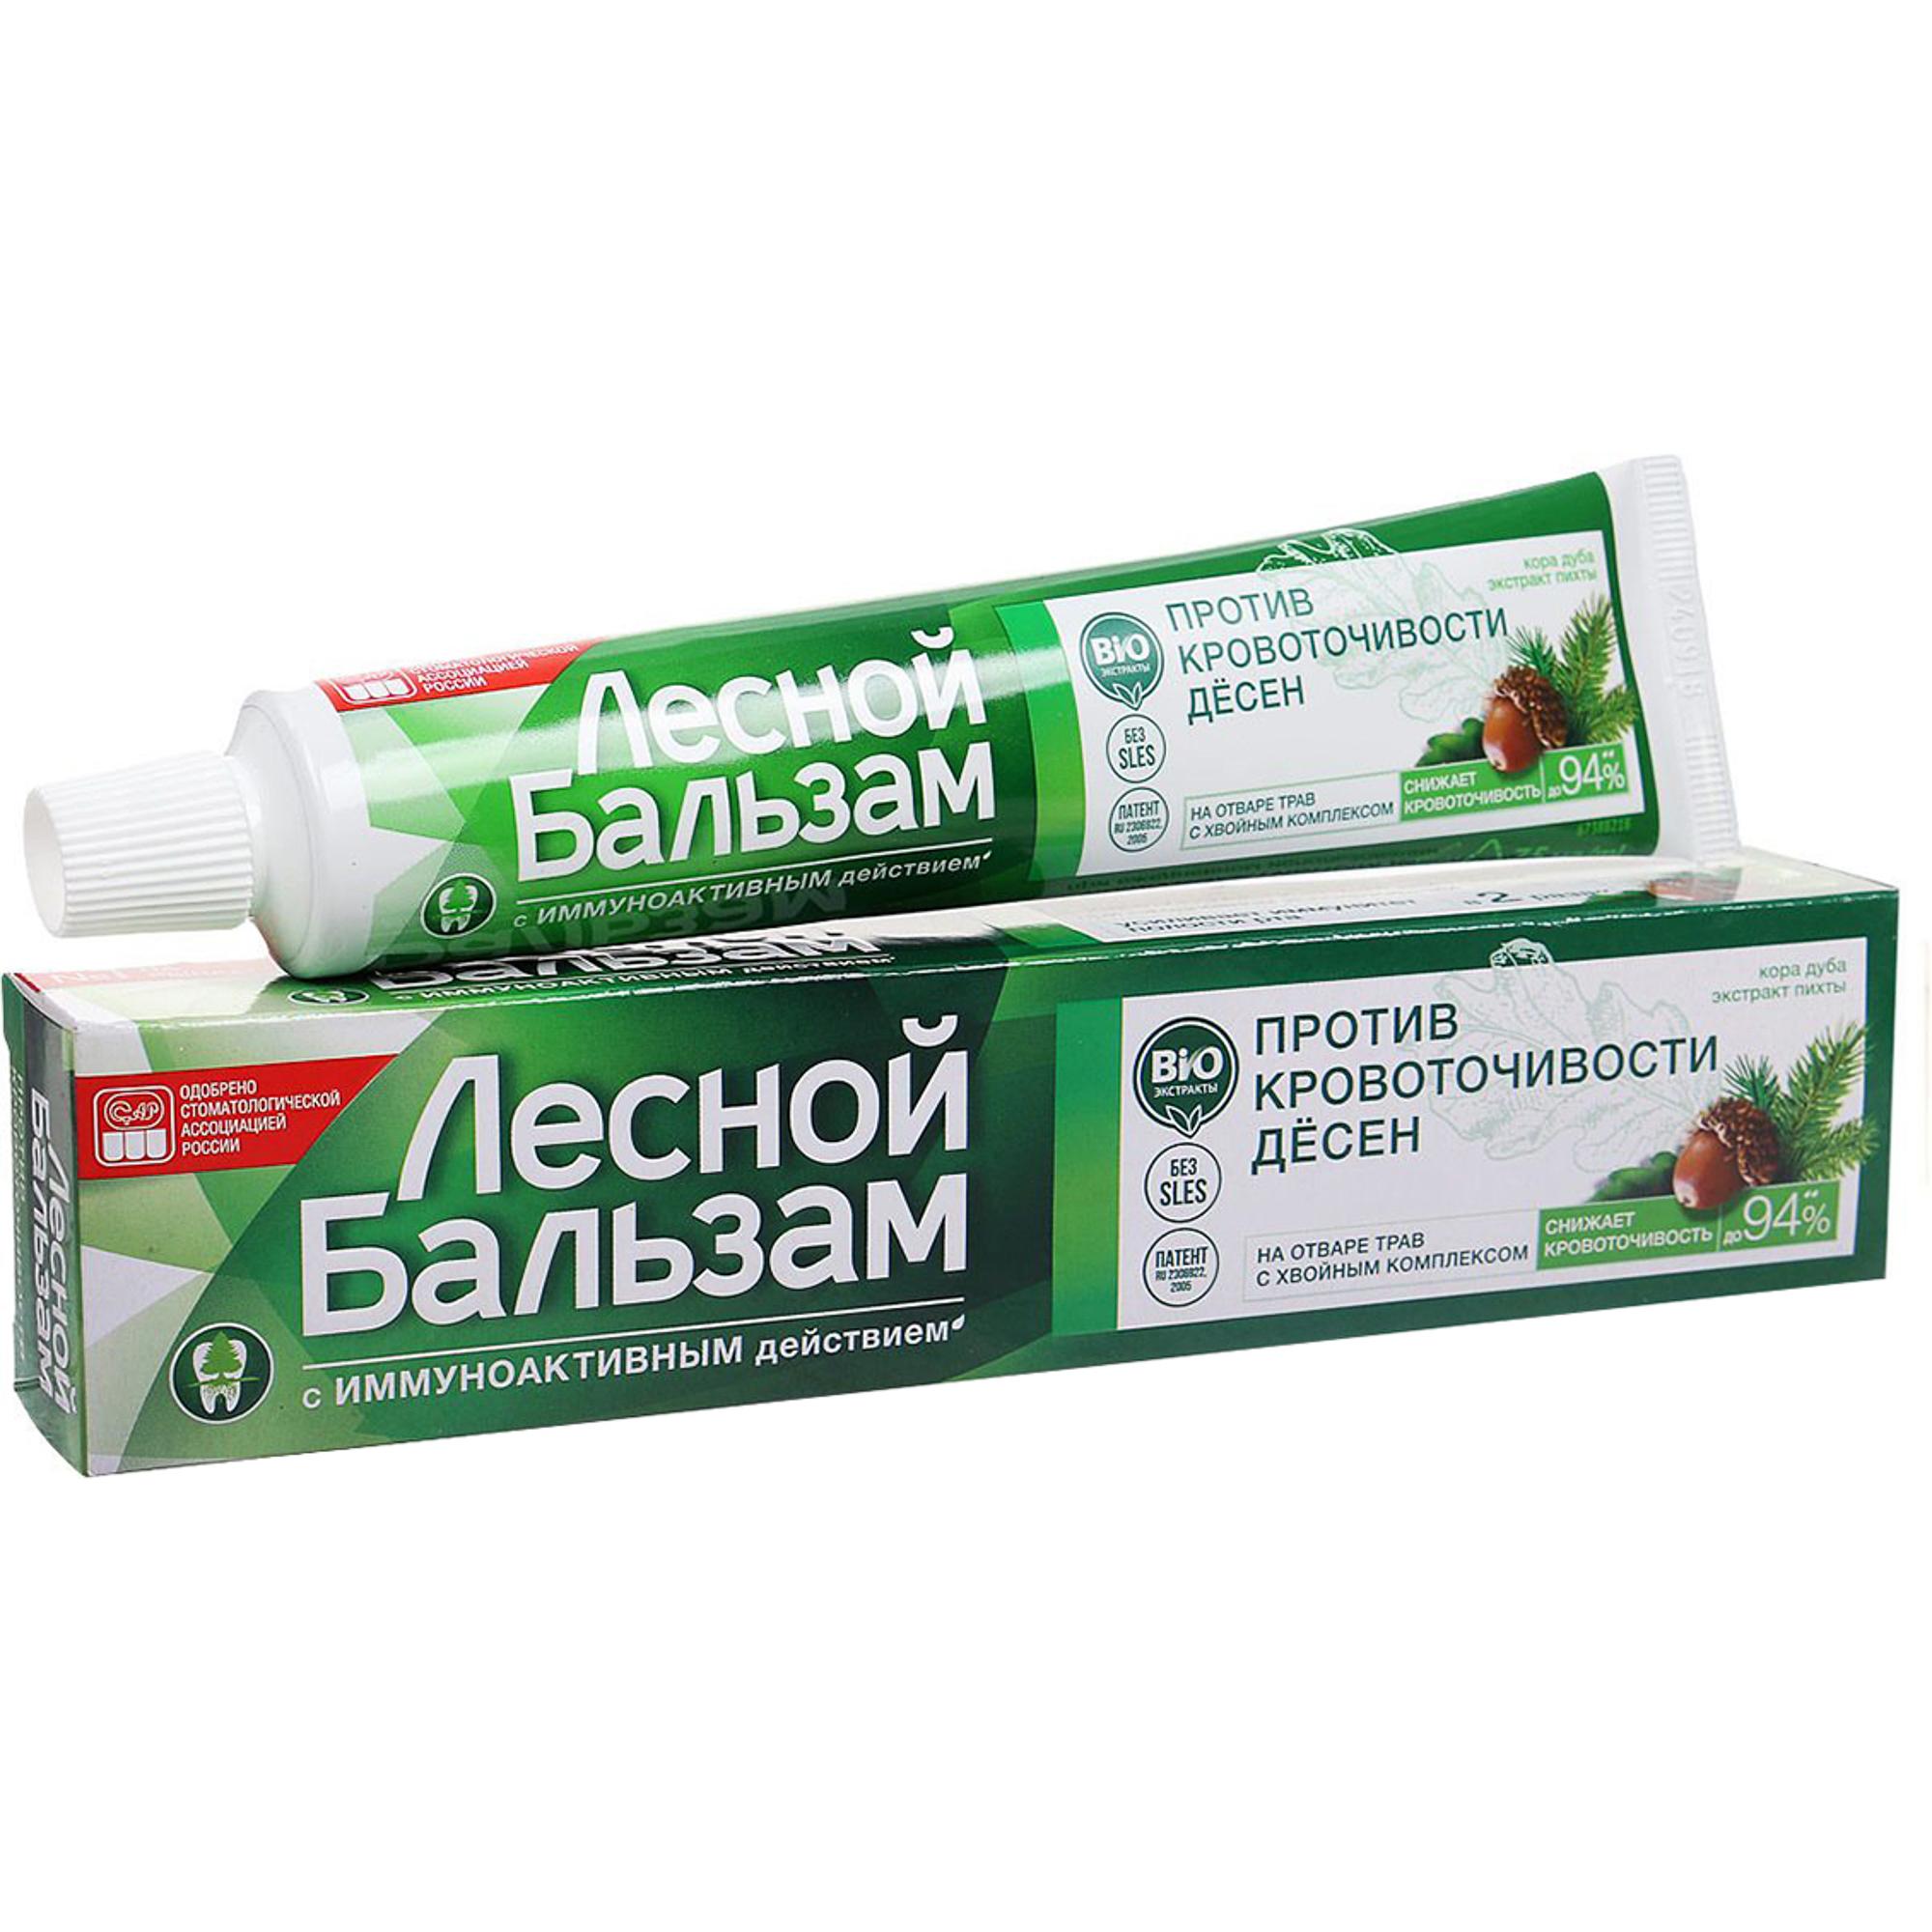 Зубная паста Лесной Бальзам При кровоточивости десен 75 мл.